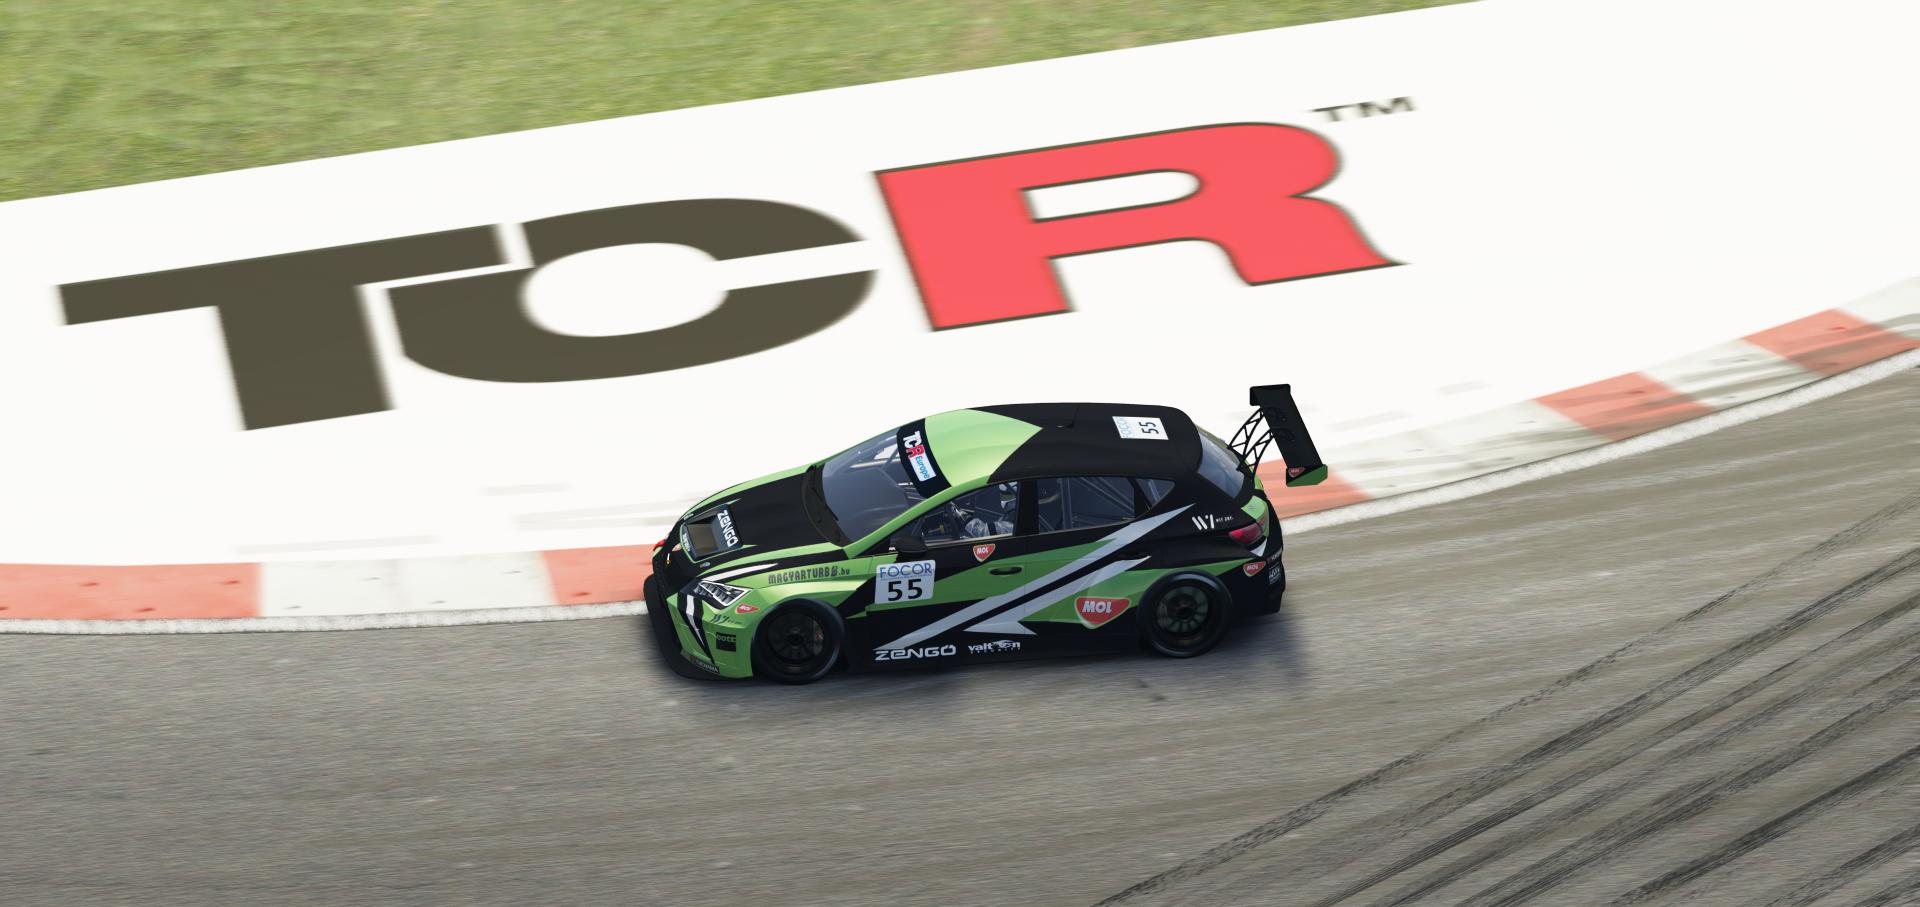 TCR EU: Büntették a győztest, a Zengő Motorsporté a győzelem